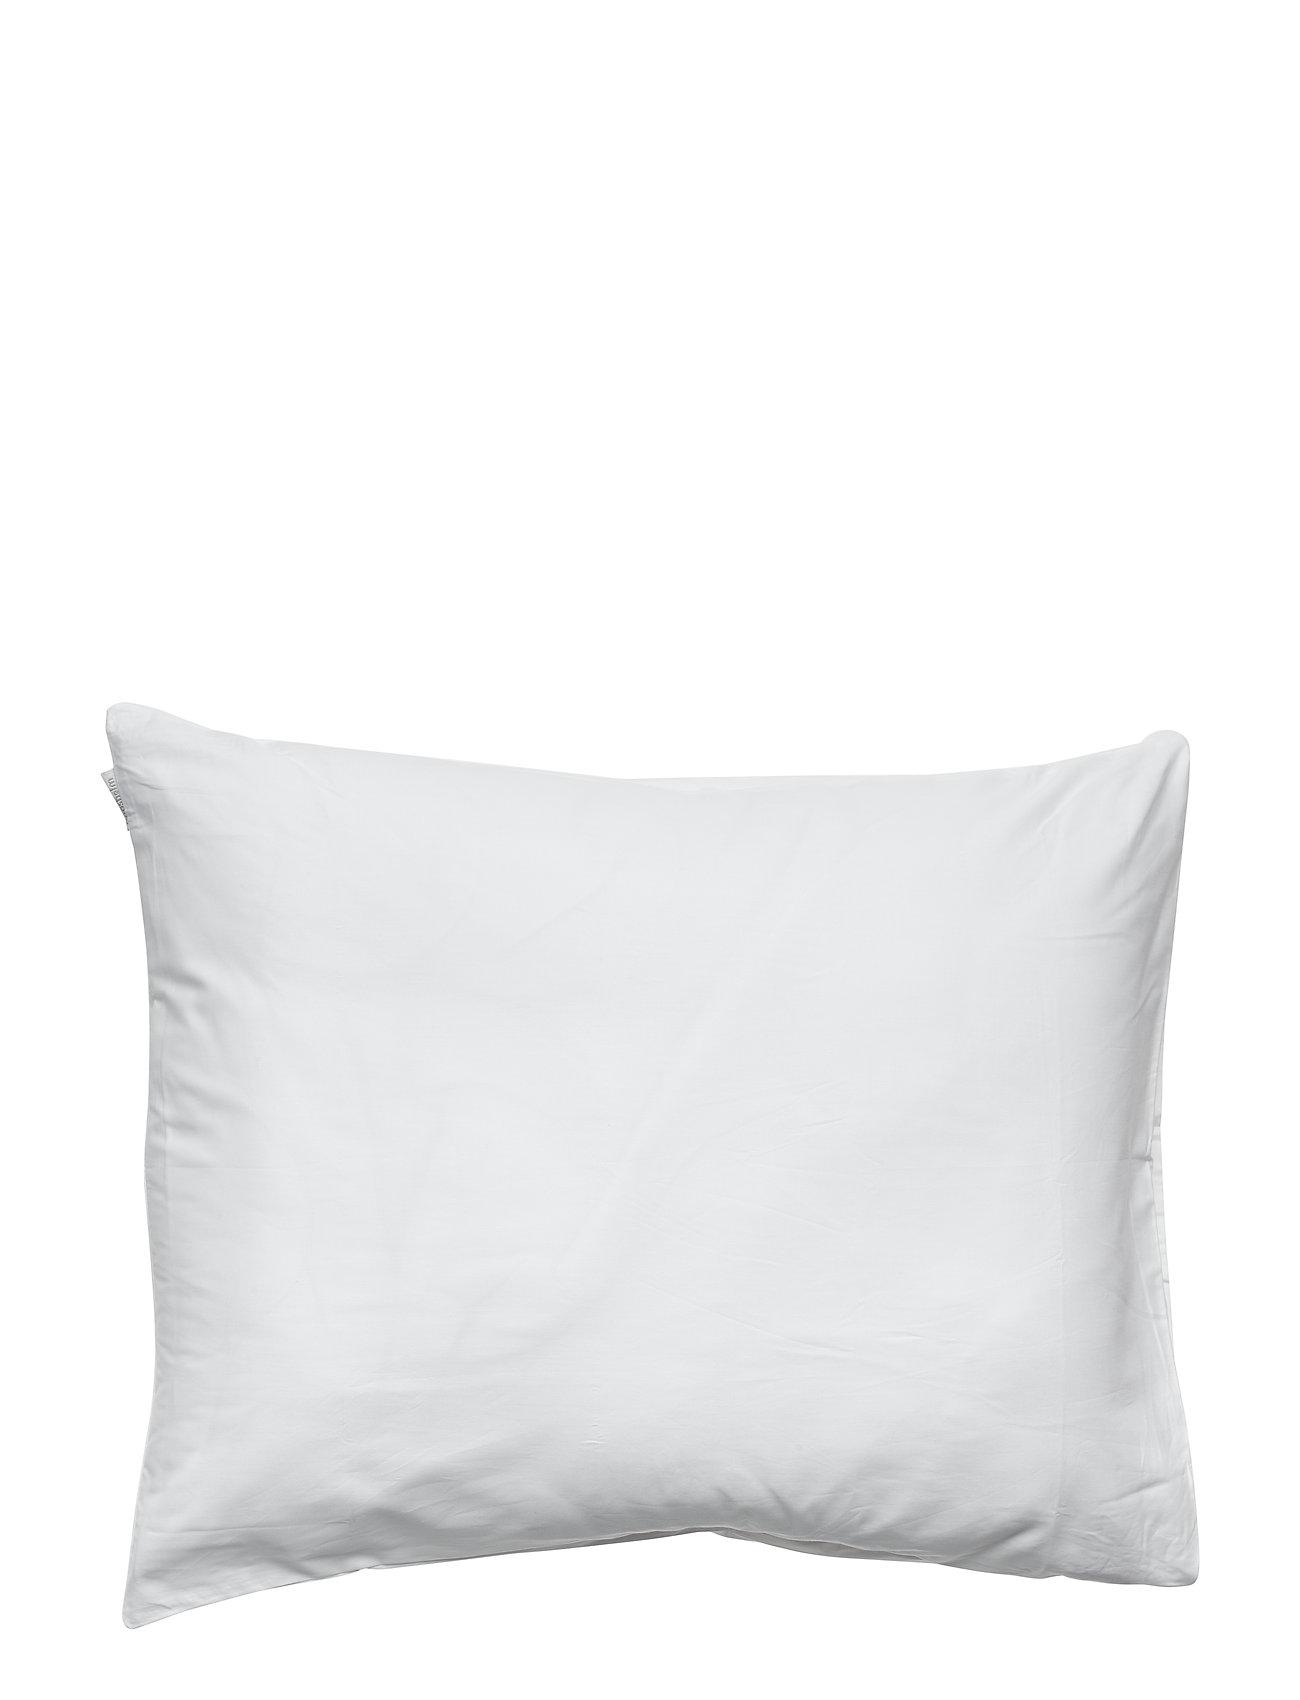 Gripsholm PILLOWCASE ECO PERCALE - WHITE